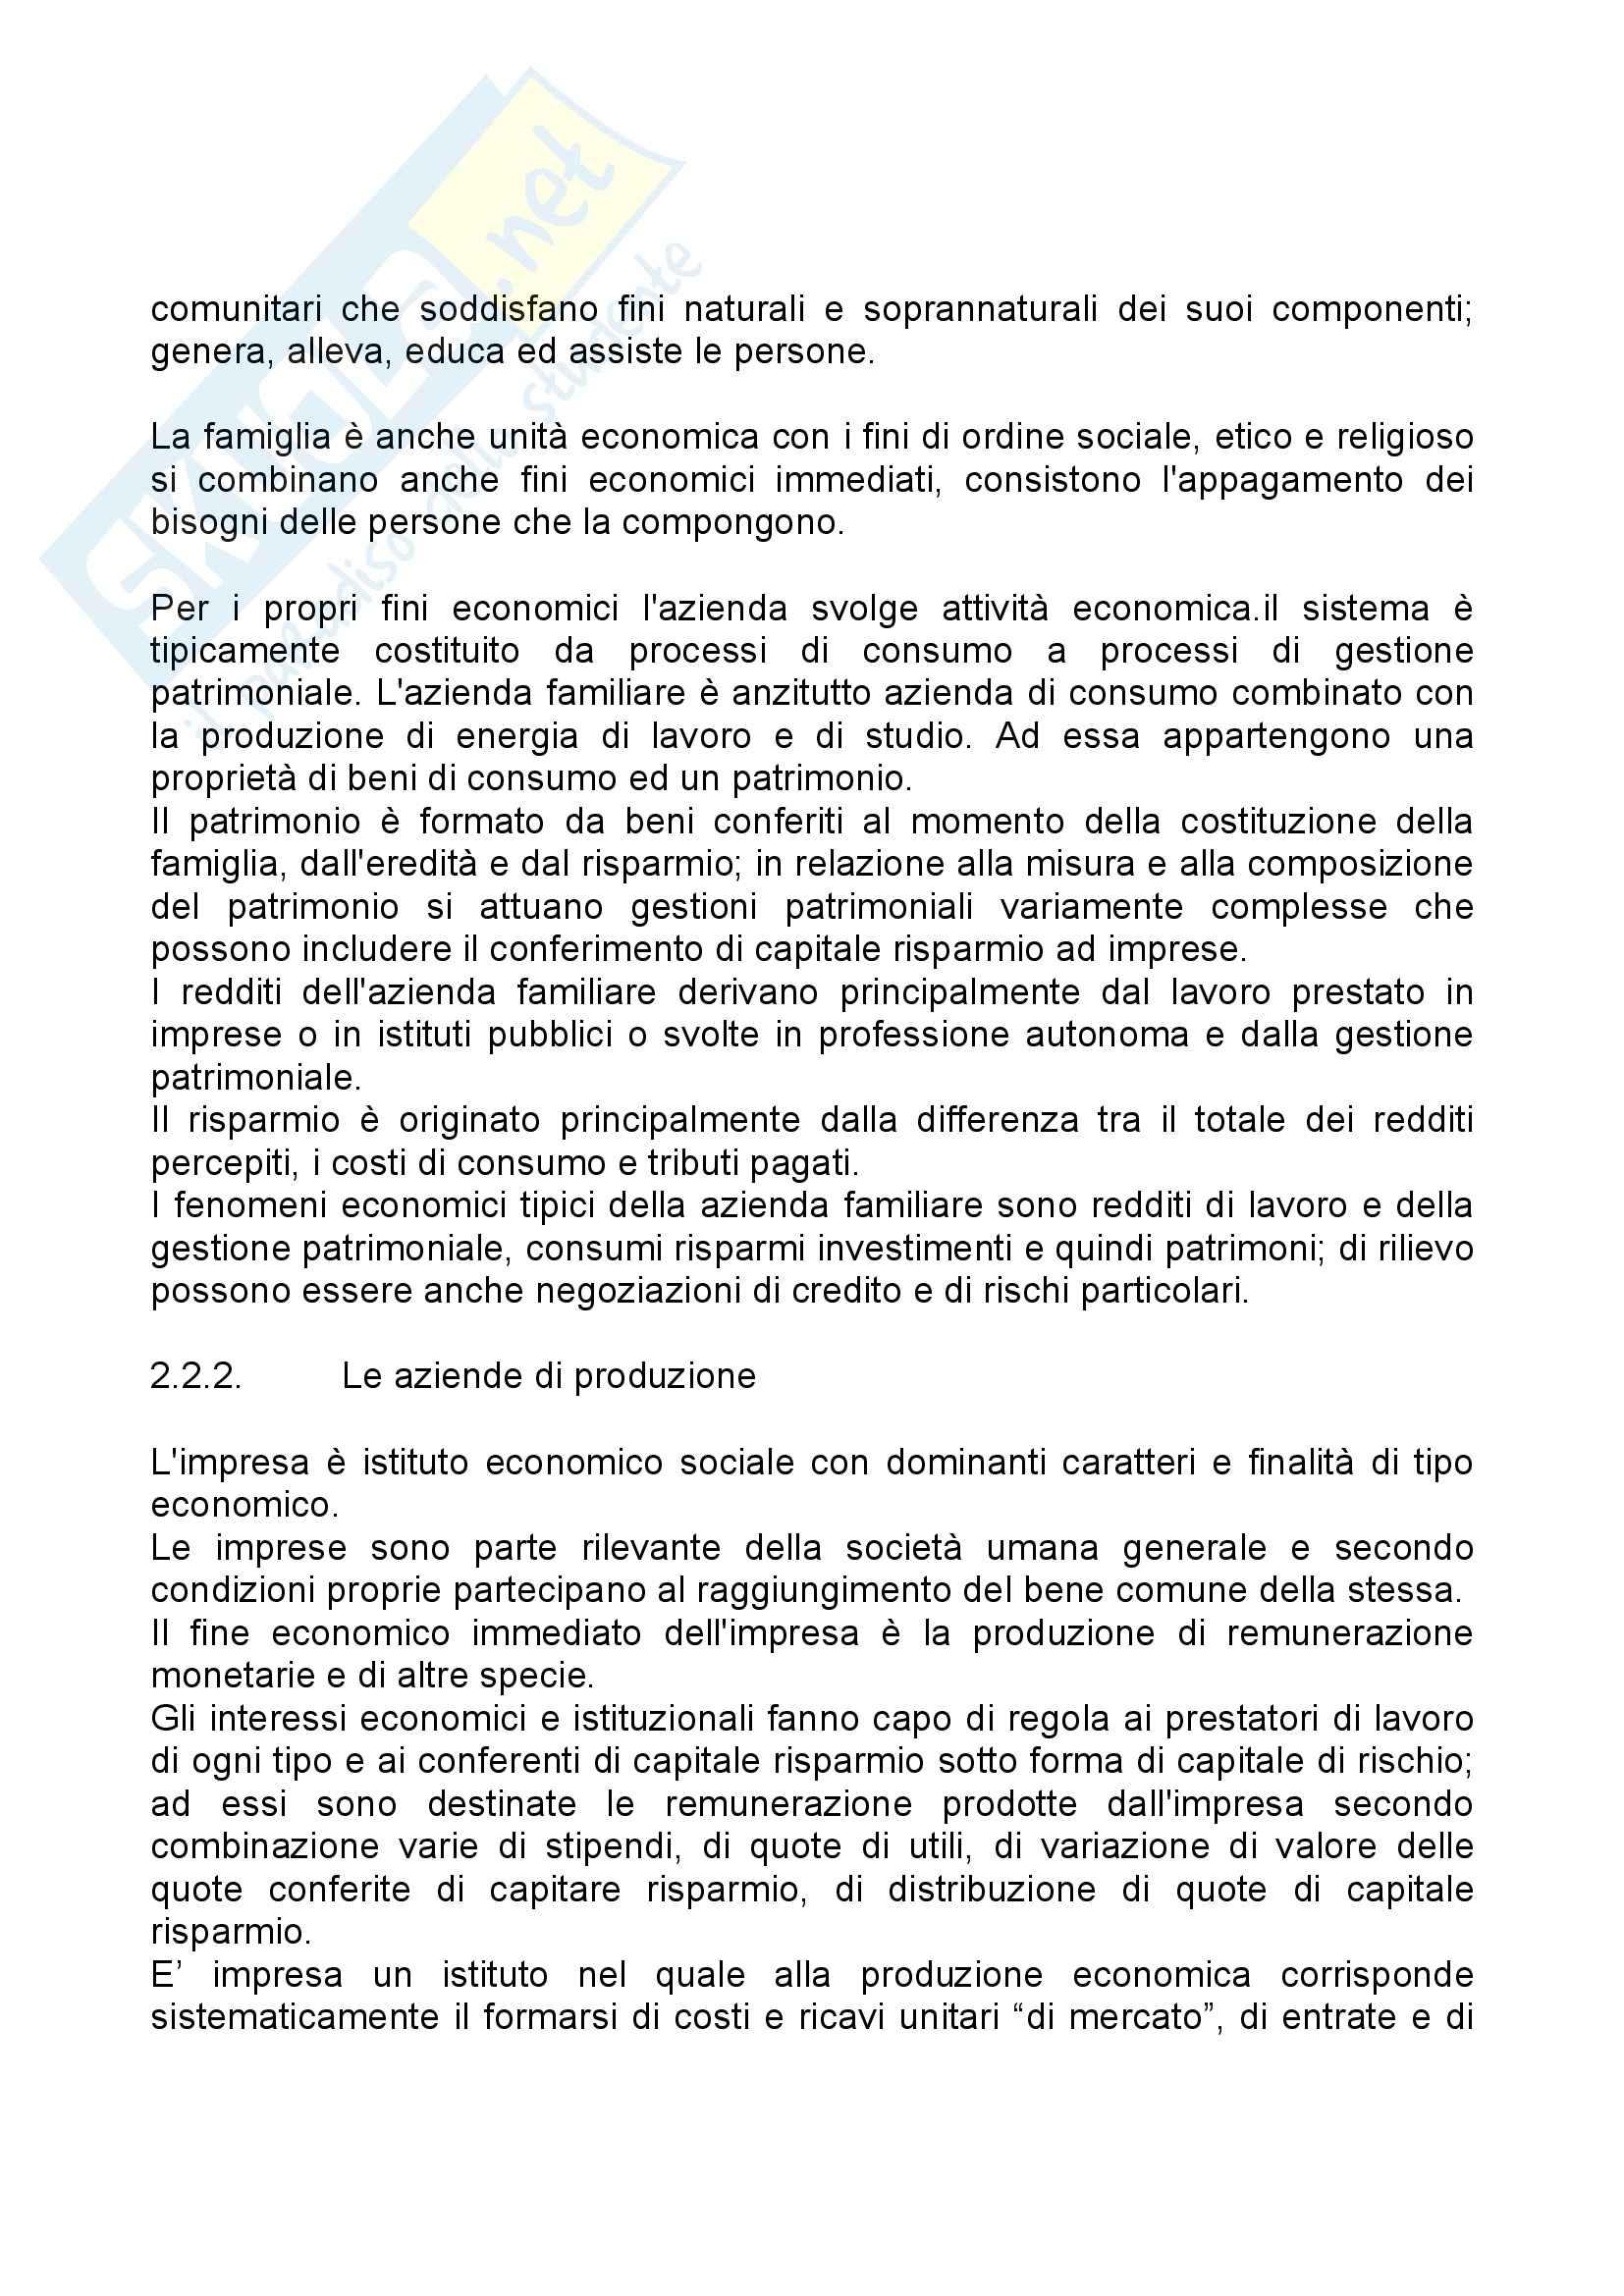 Riassunto esame Economia Aziendale, prof. Bagnoli, libro consigliato Corso di Economia Aziendale, Airoldi Pag. 26